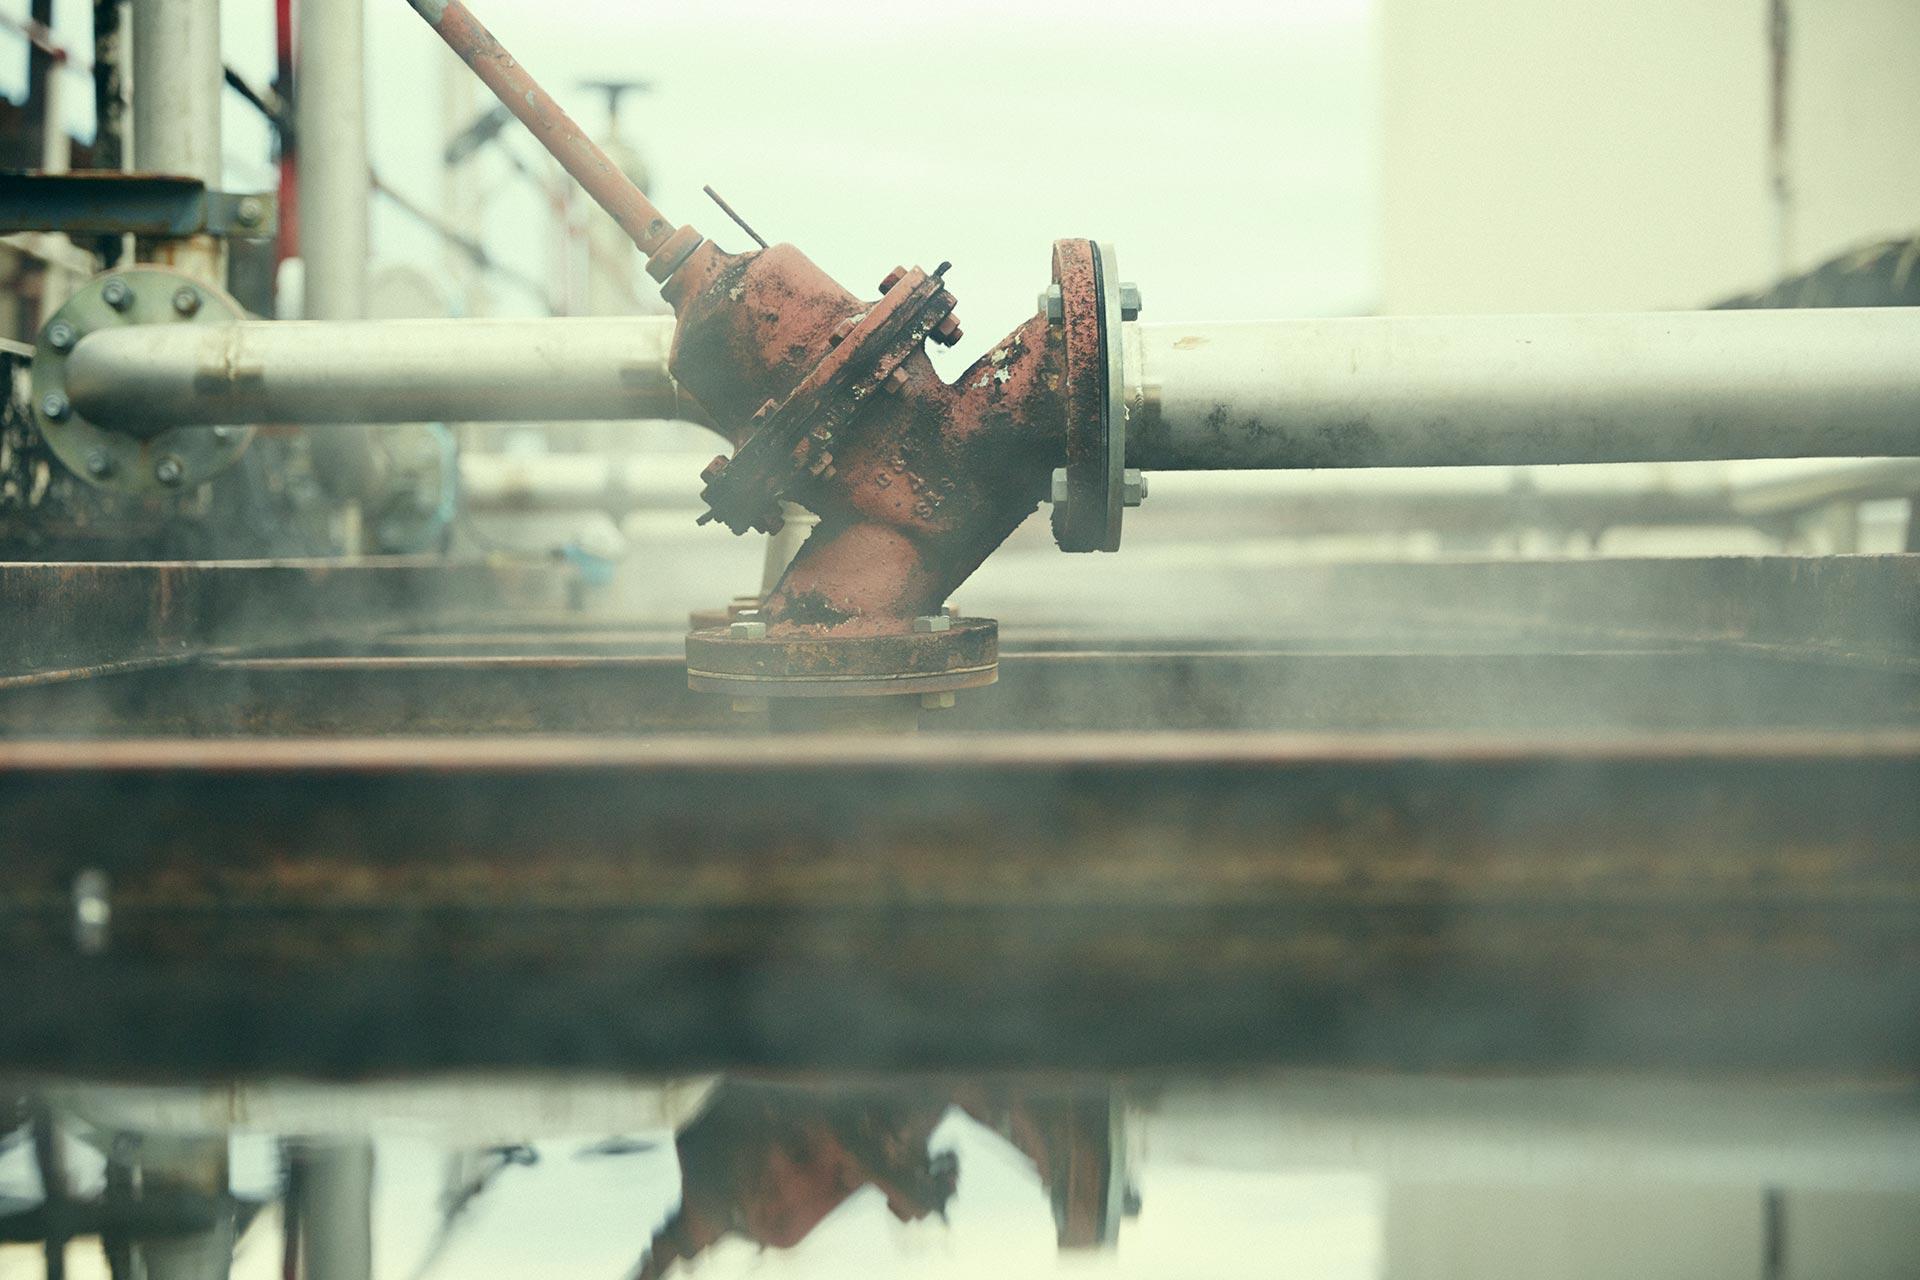 Dampf steigt aus dem Kühlbecken empor - kein ganz alltäglicher Anblick in einer schottischen Brennerei (Foto: Hersteller)